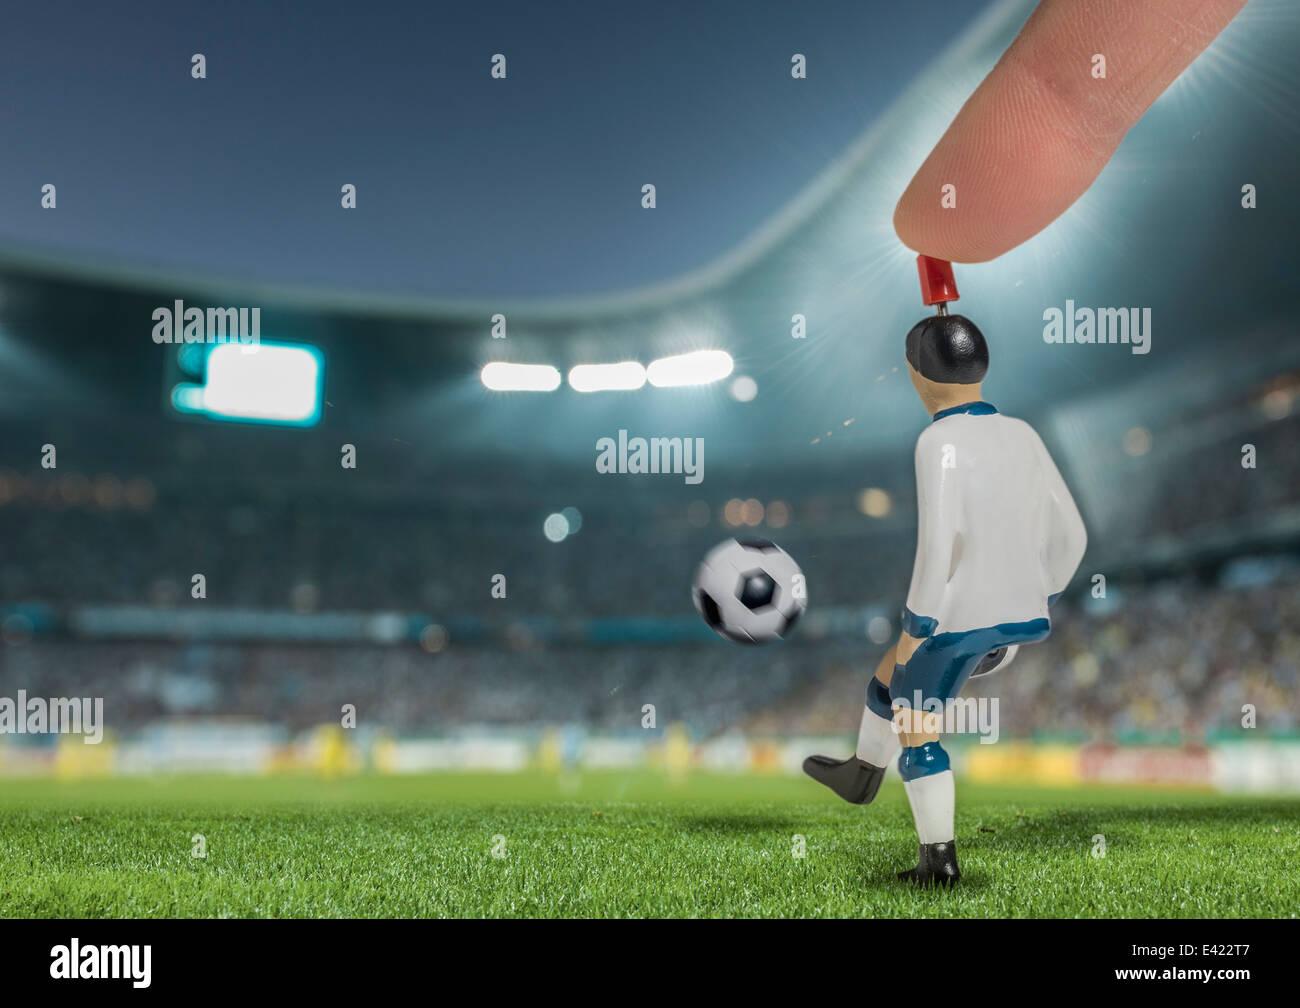 Generati digitalmente immagine del giocatore di calcio calci palla in stadio illuminati Immagini Stock